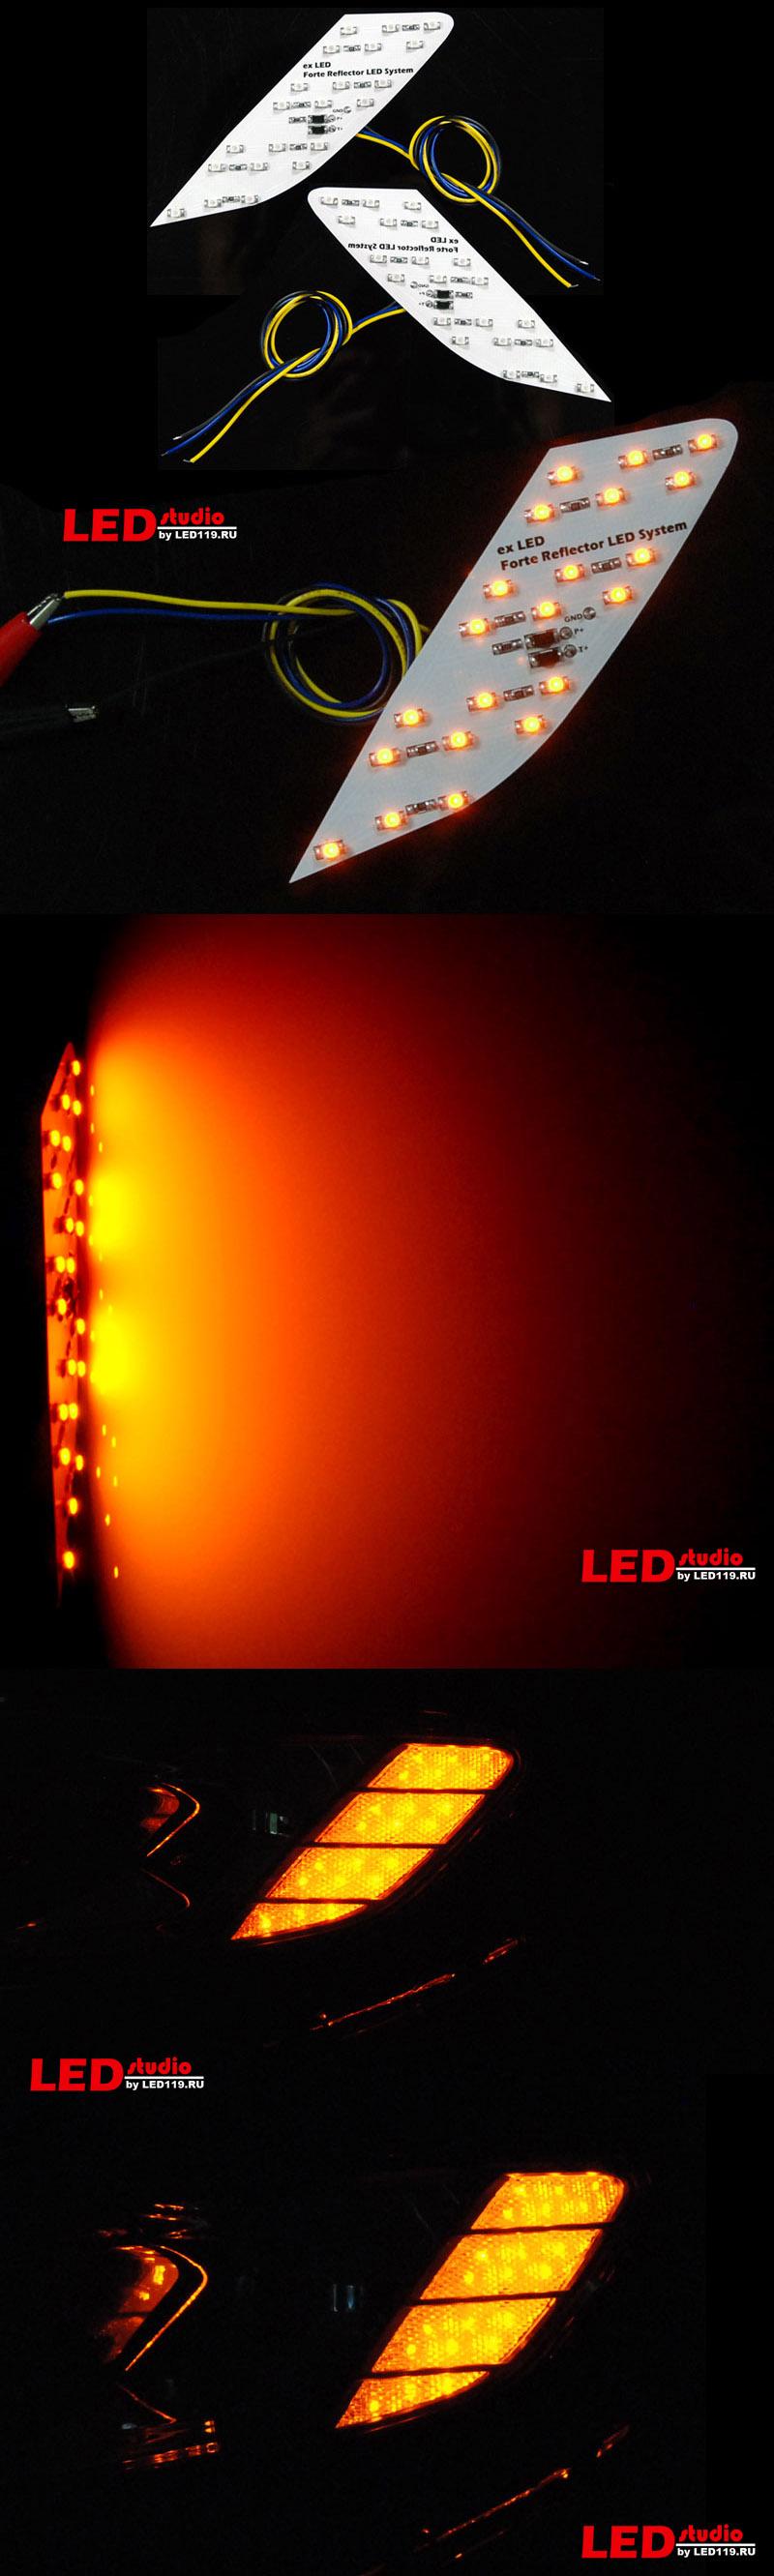 Светодиодные модули бокового отражателя фары KIA CERATO 2010 (2 шт)